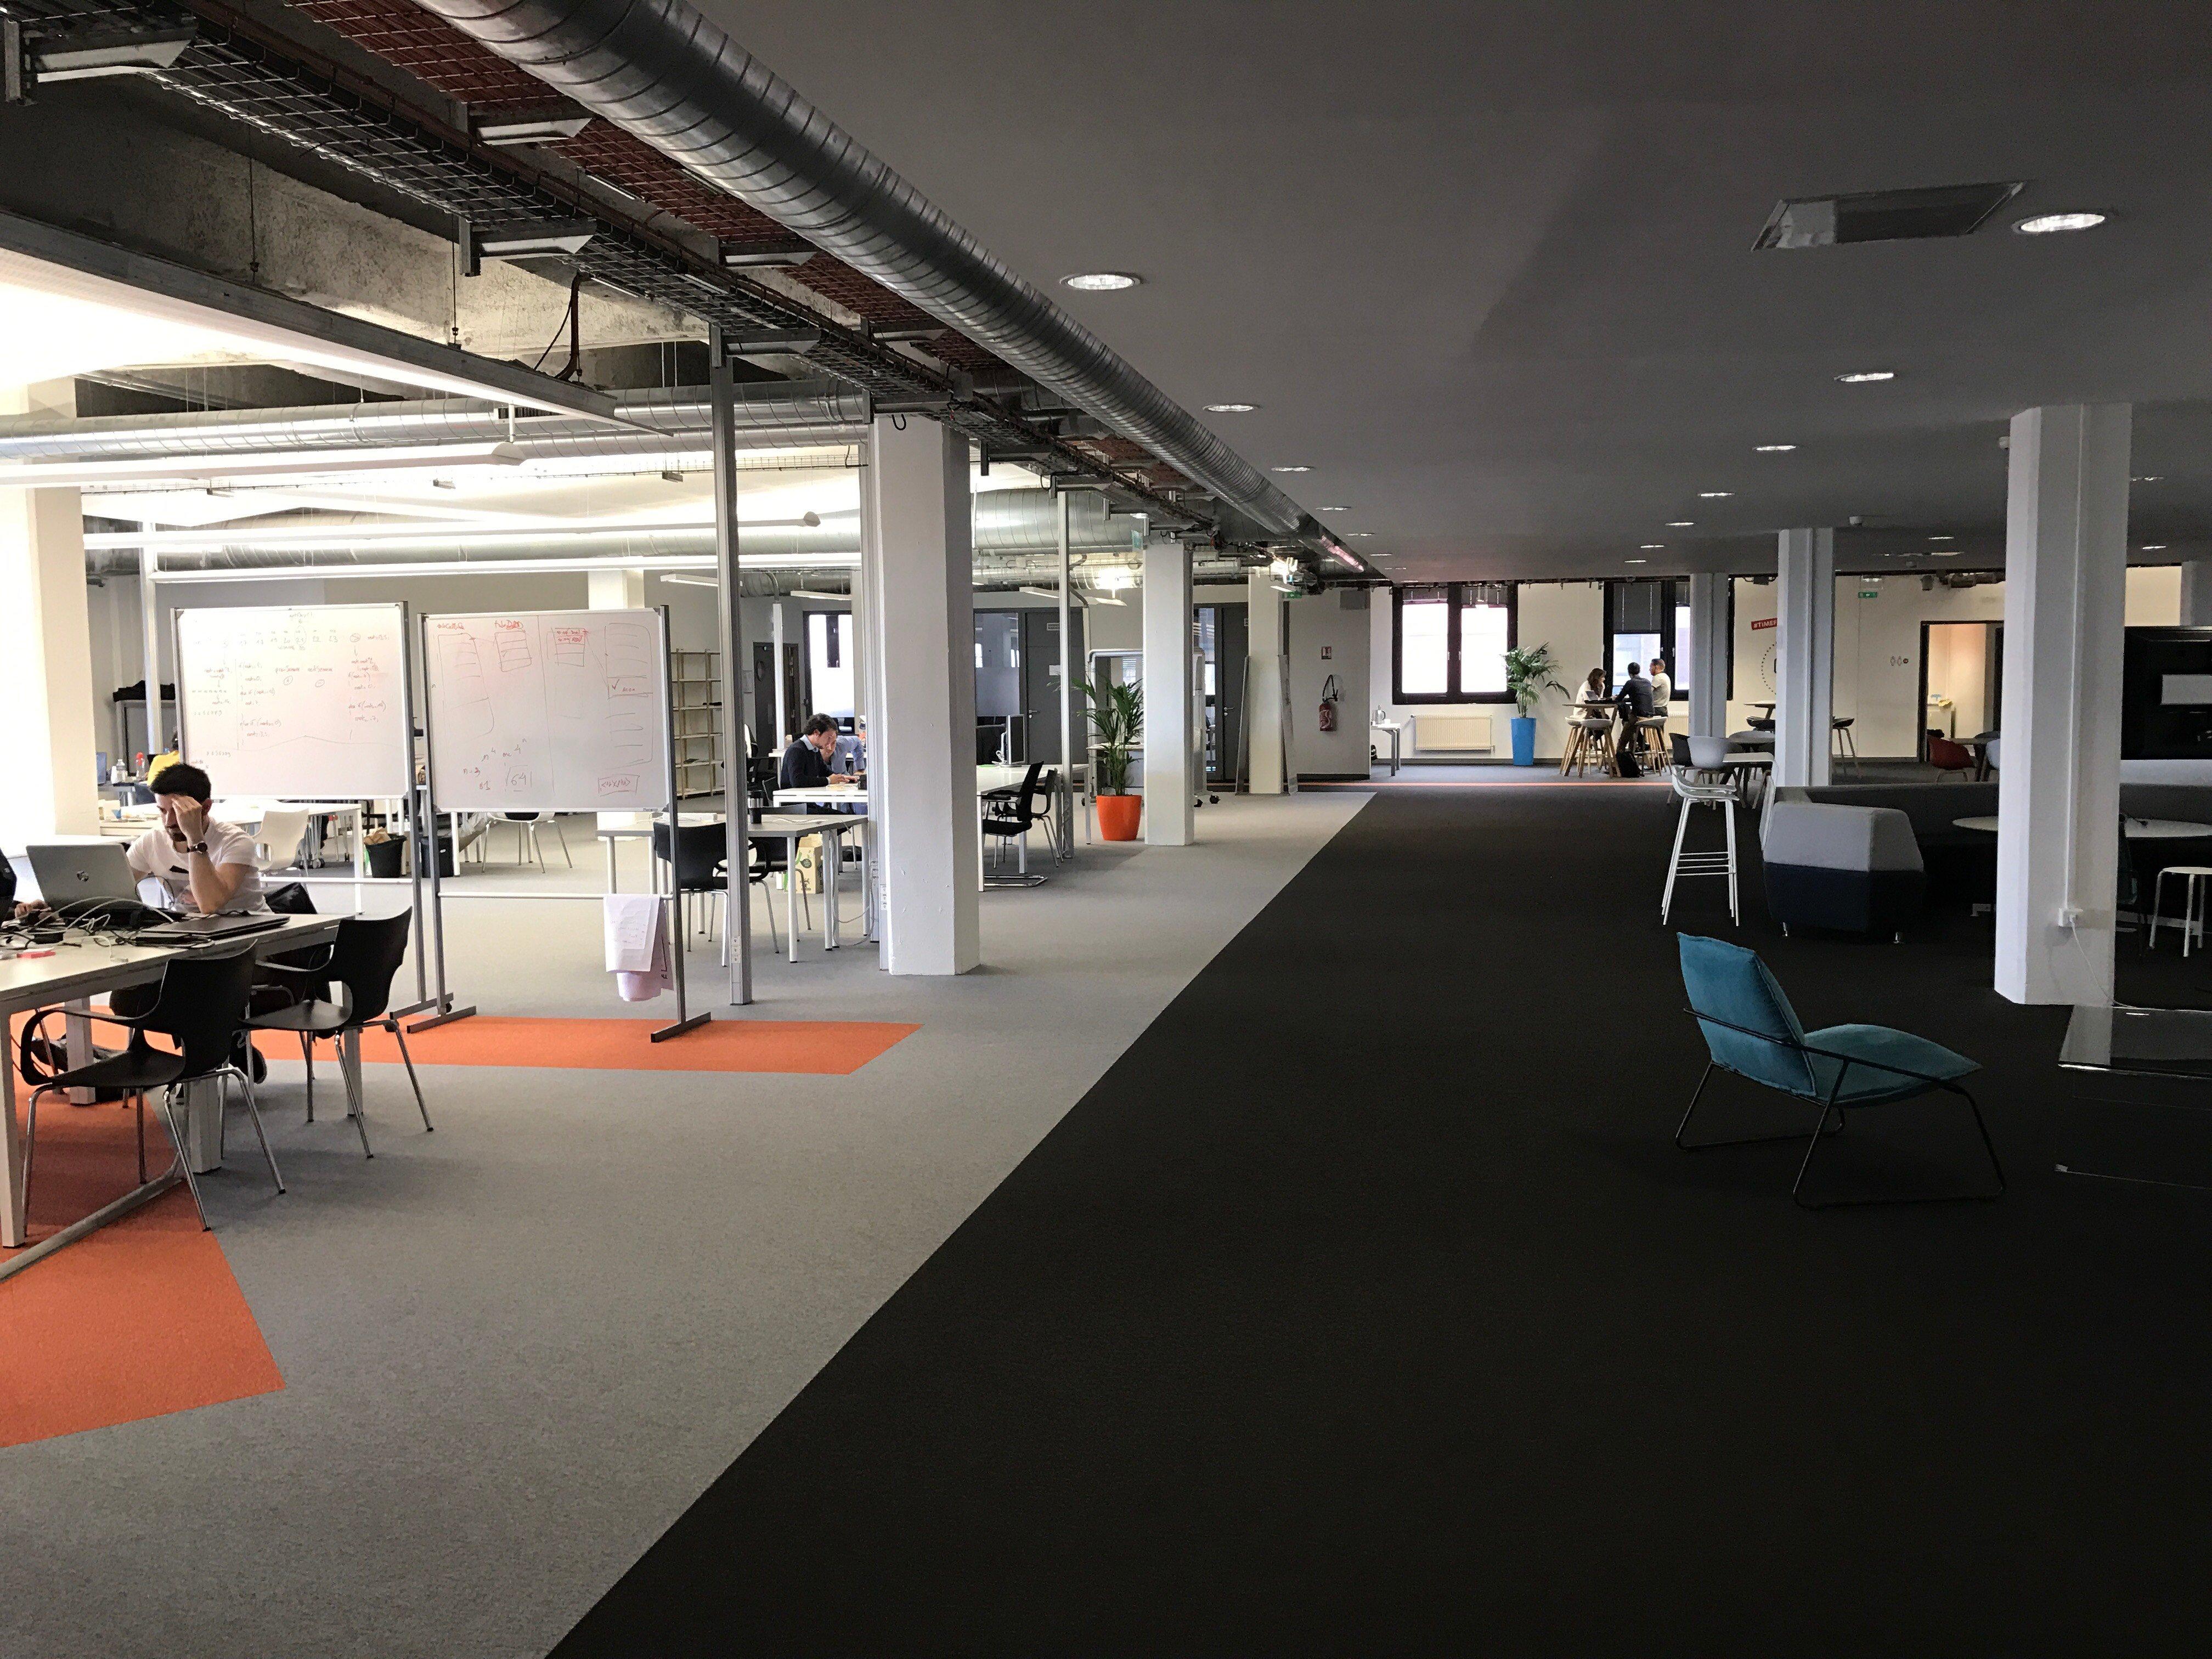 notre agence digitale webmarketing s'installe à Roubaix